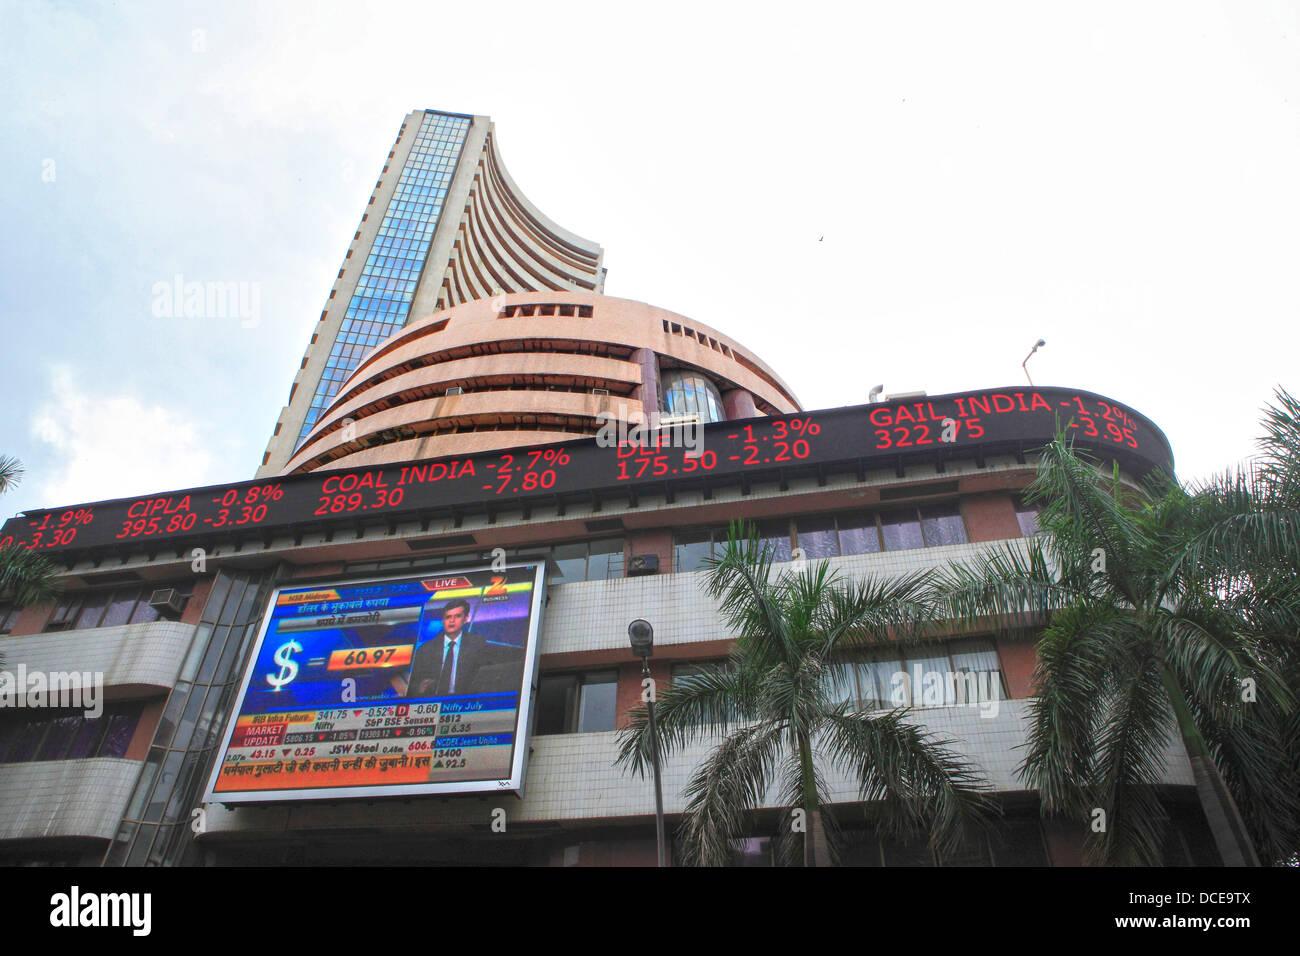 bombay stock exchange in india pdf